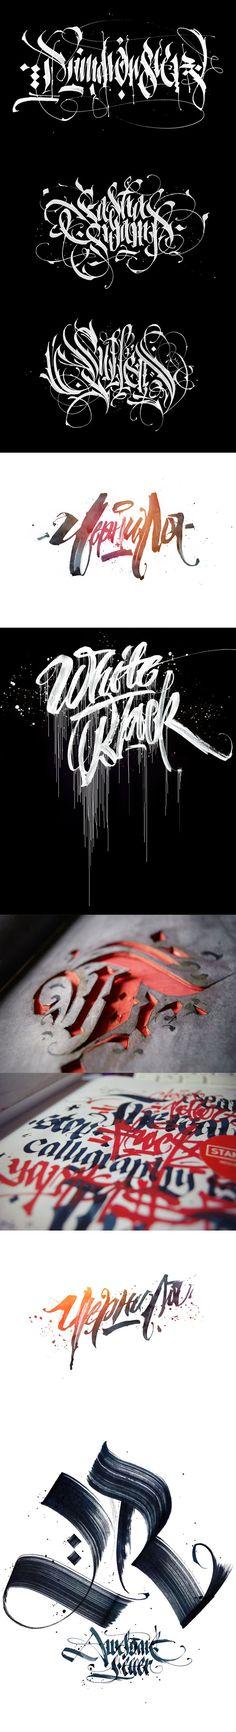 Les réalisations calligraphiques de Pokras Lampas sont simplement à tomber. Beaucoup d'autres sont à découvrir sur le Behance.